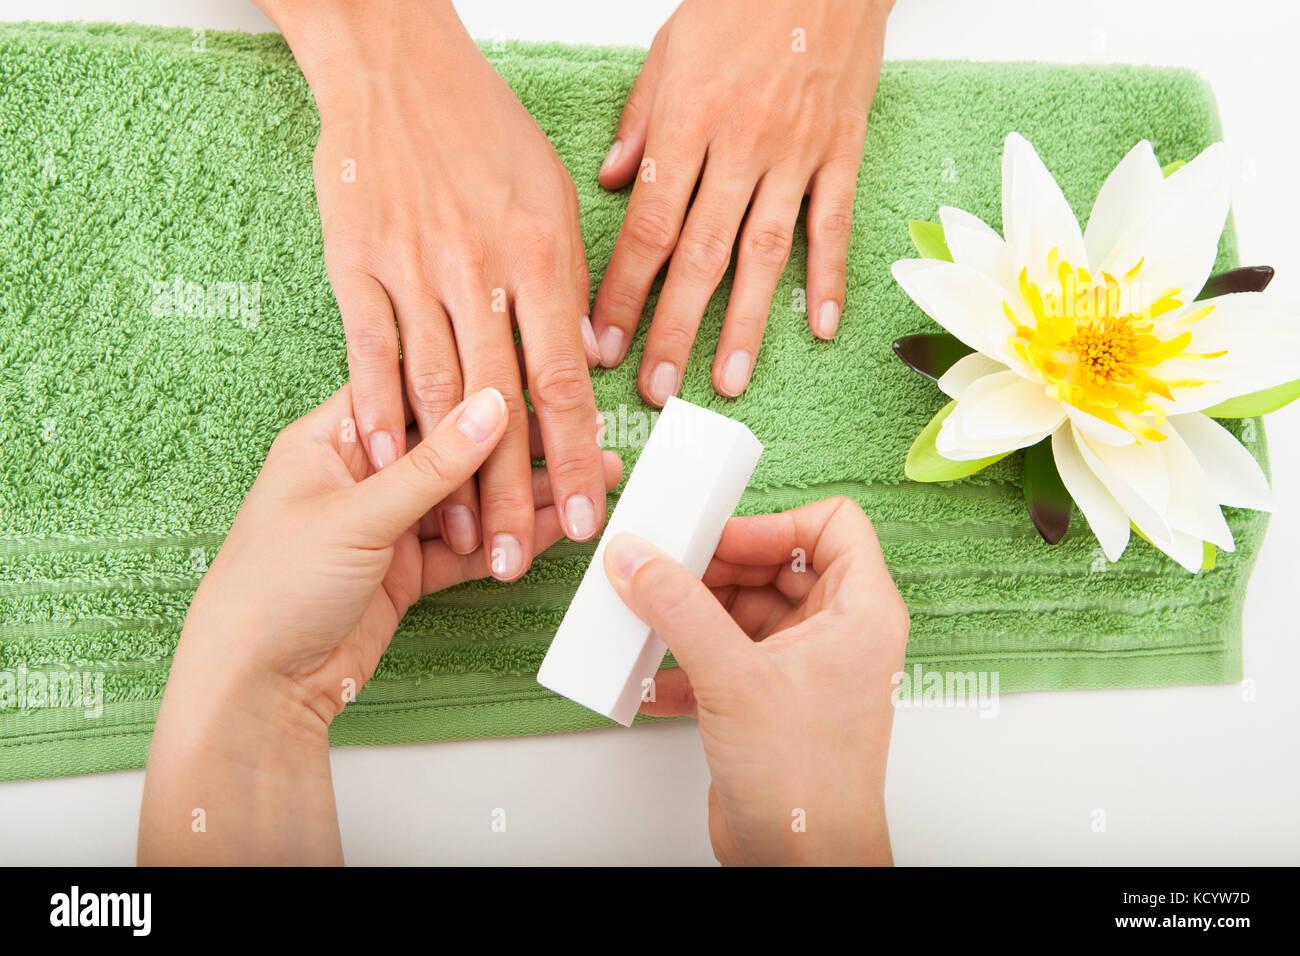 Salon Nails Imágenes De Stock & Salon Nails Fotos De Stock - Alamy